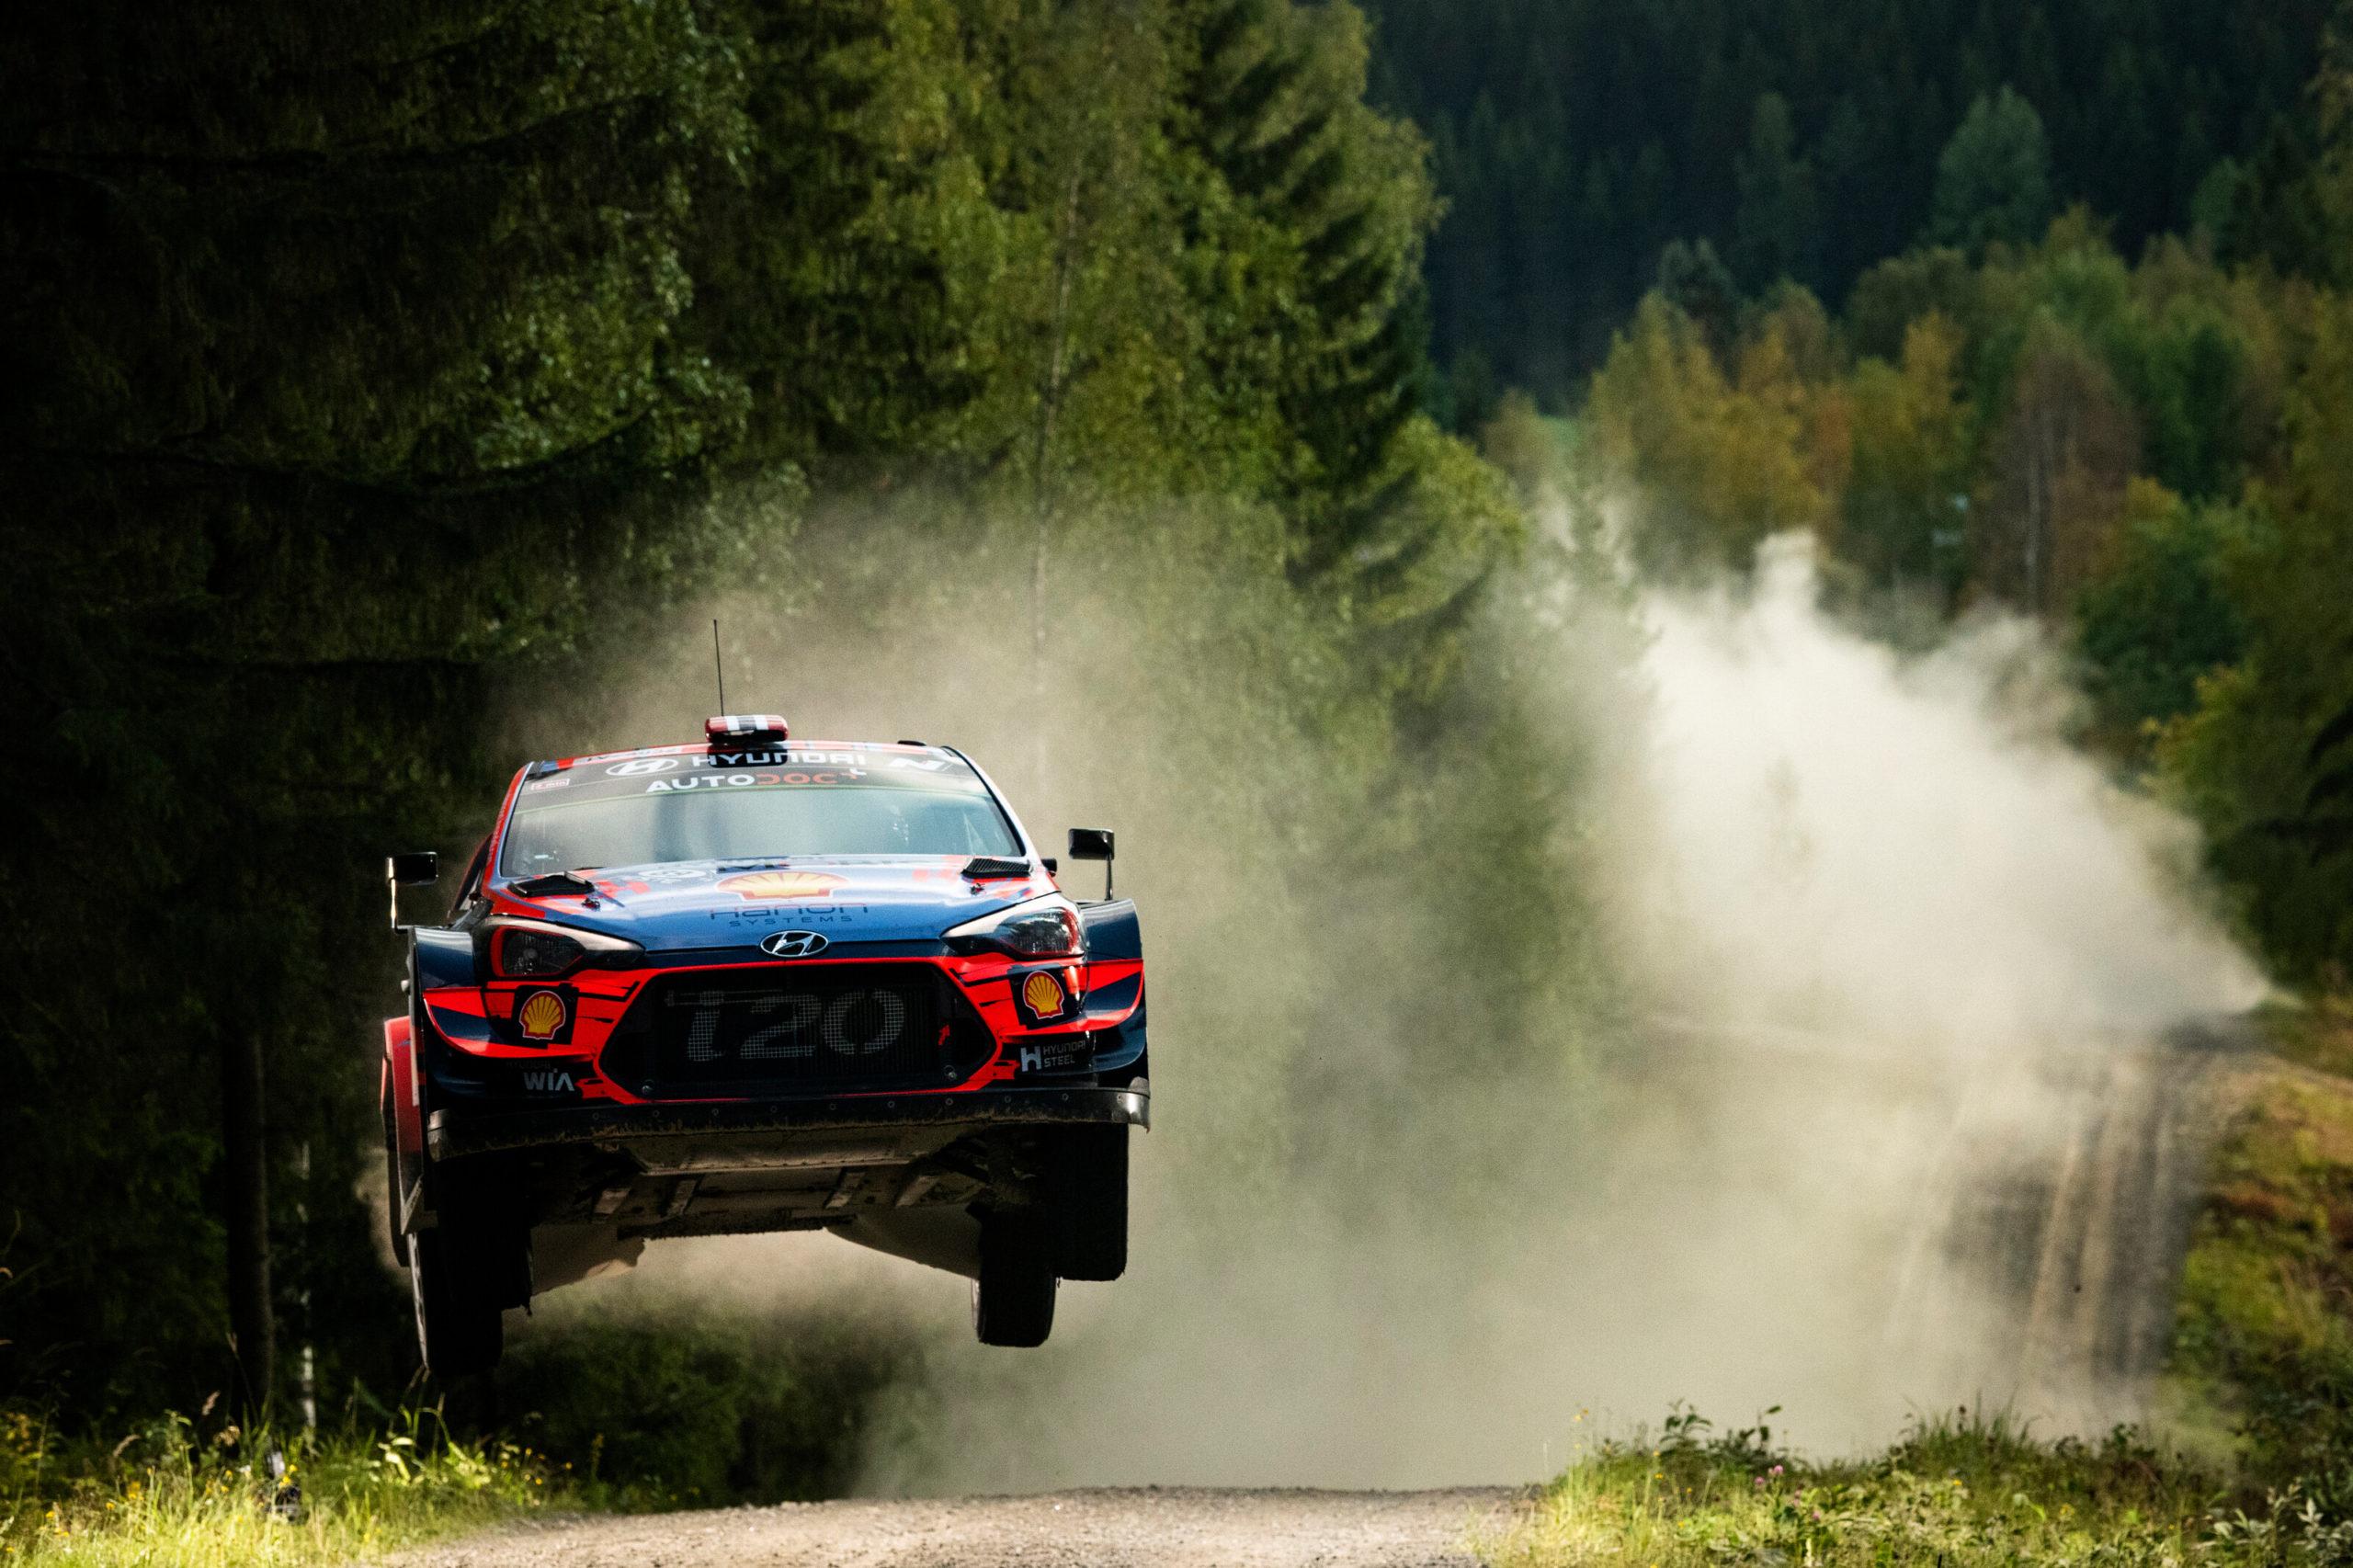 źródło: Red Bull Content Pool | Prawdopodobnie to Rajd Finlandii będzie areną powrotu WRC